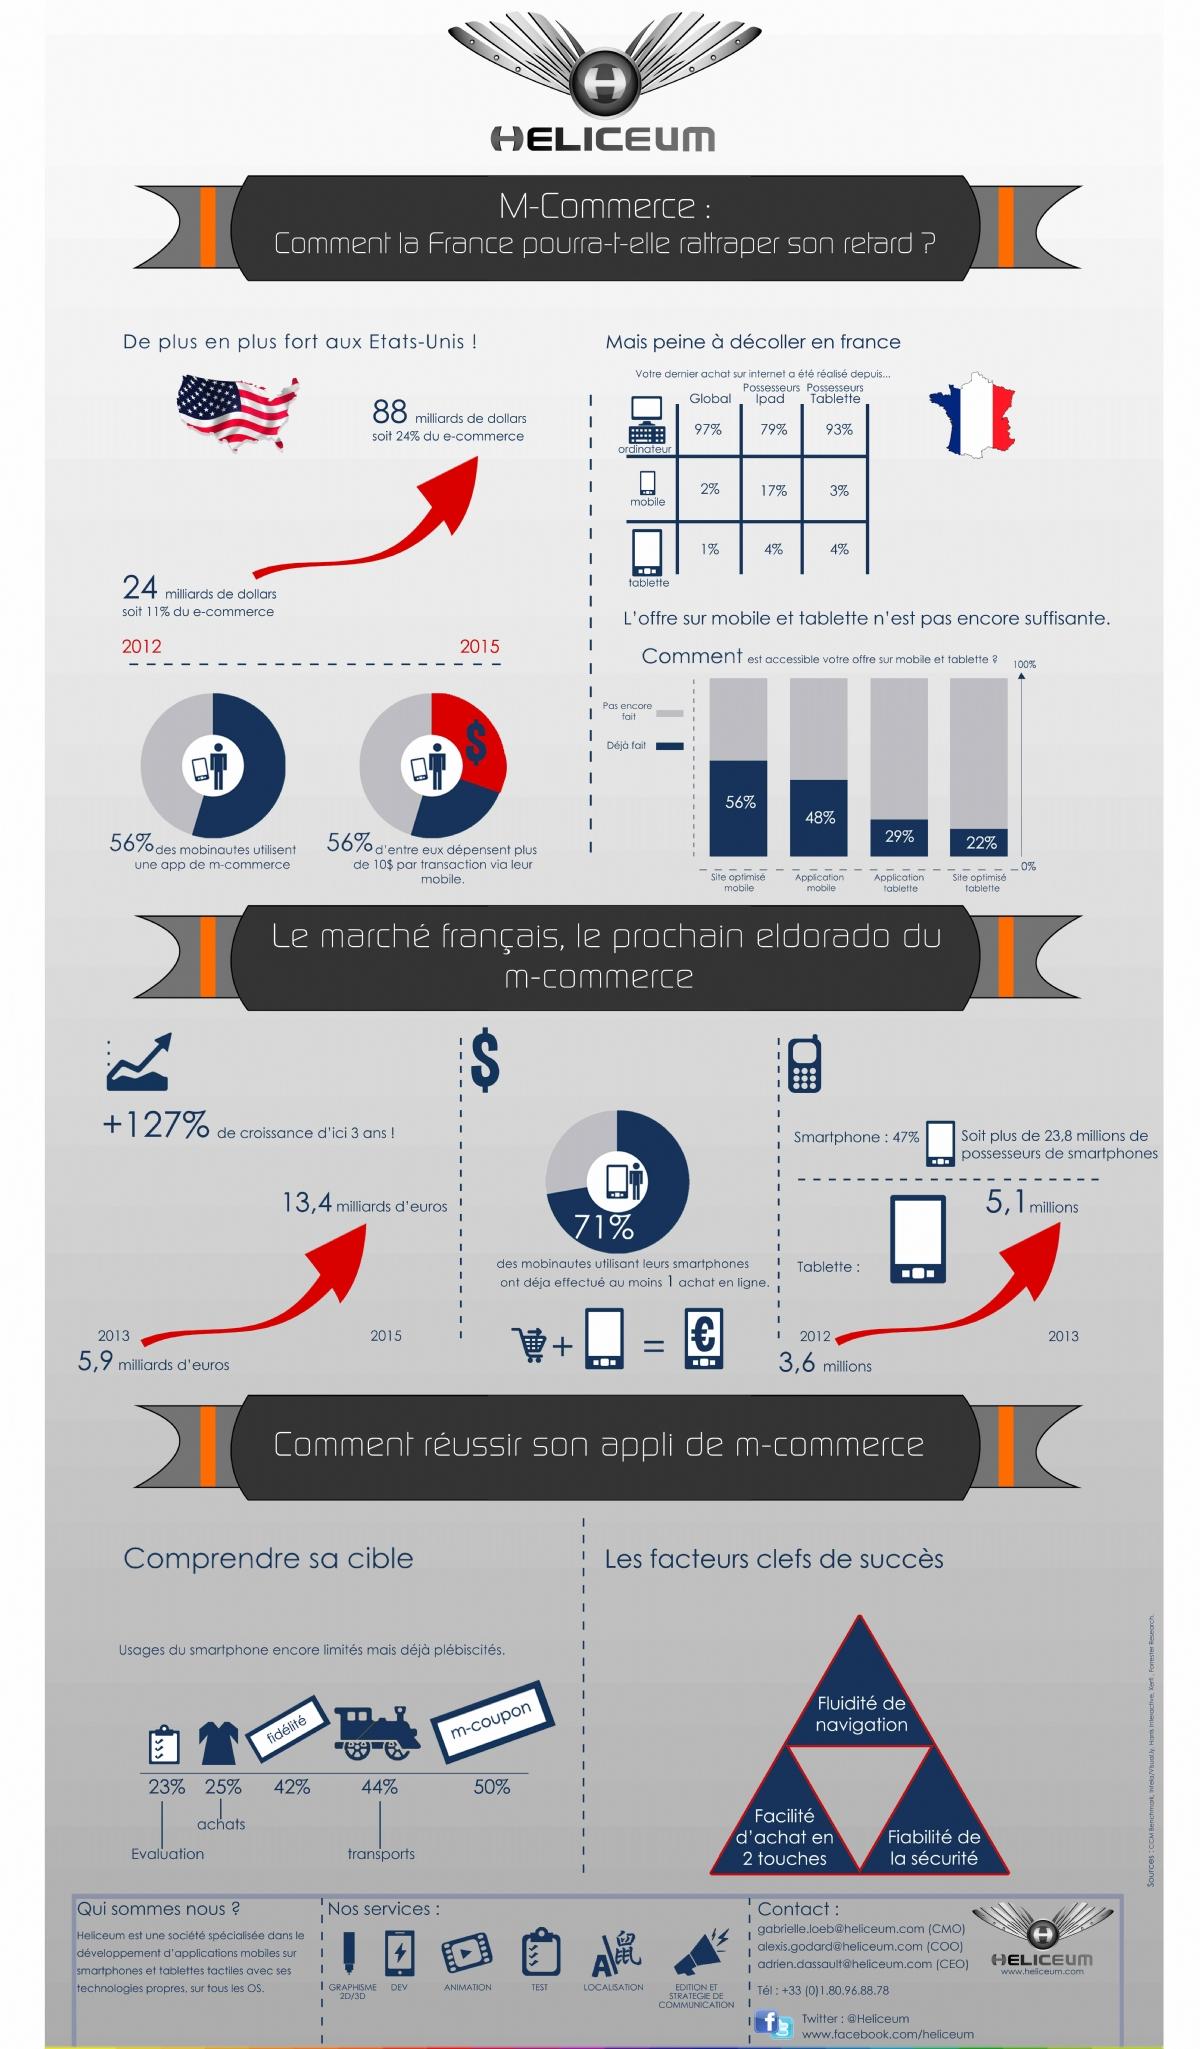 infographie m commerce france - Infographie : le M-commerce en France en 2013